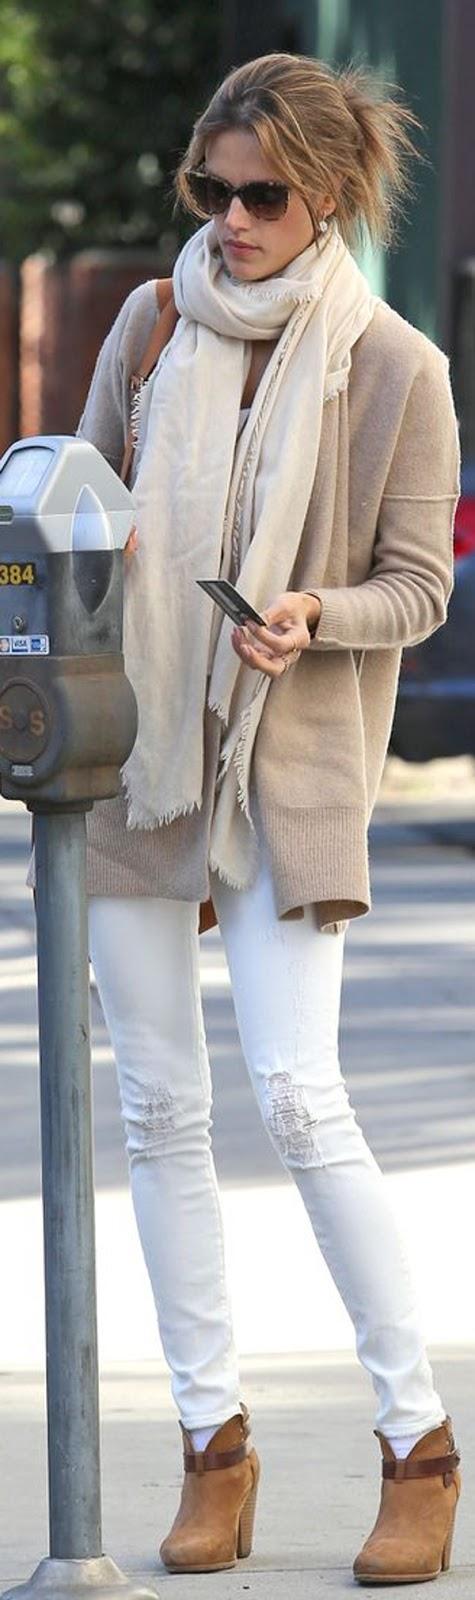 coat + skinny jeans